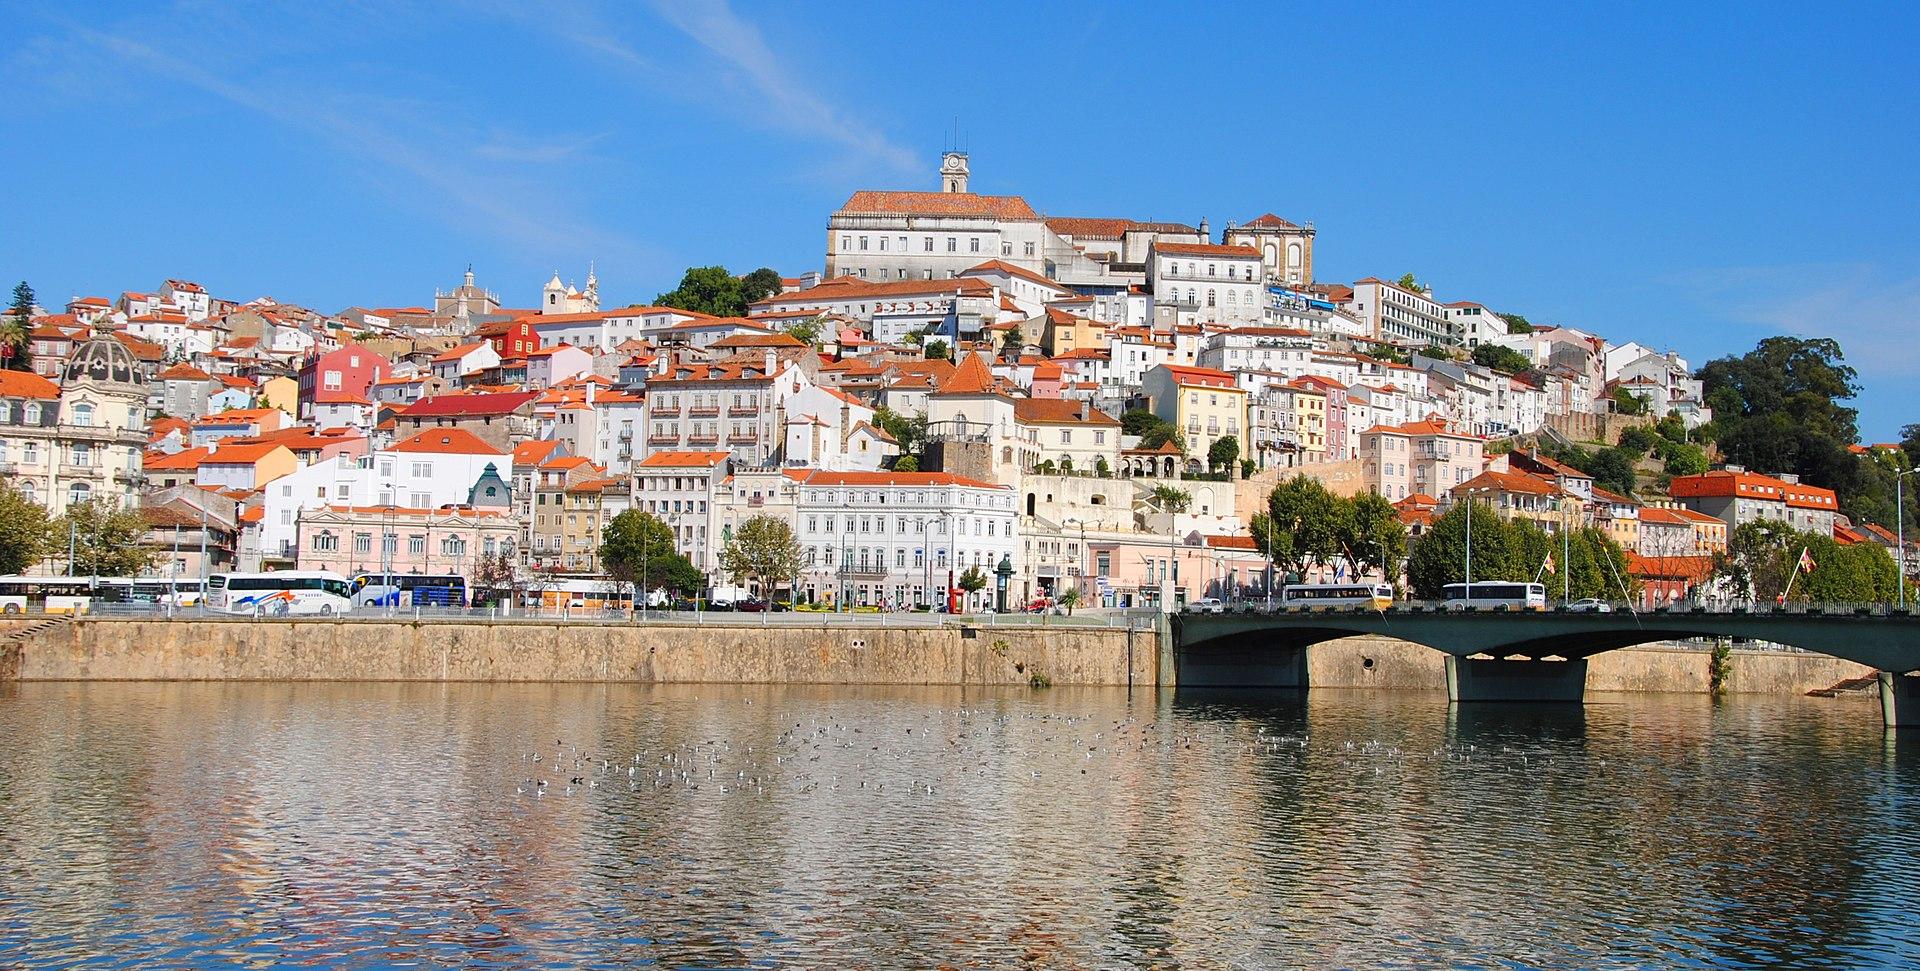 Coimbra e o rio Mondego (6167200429) (cropped).jpg